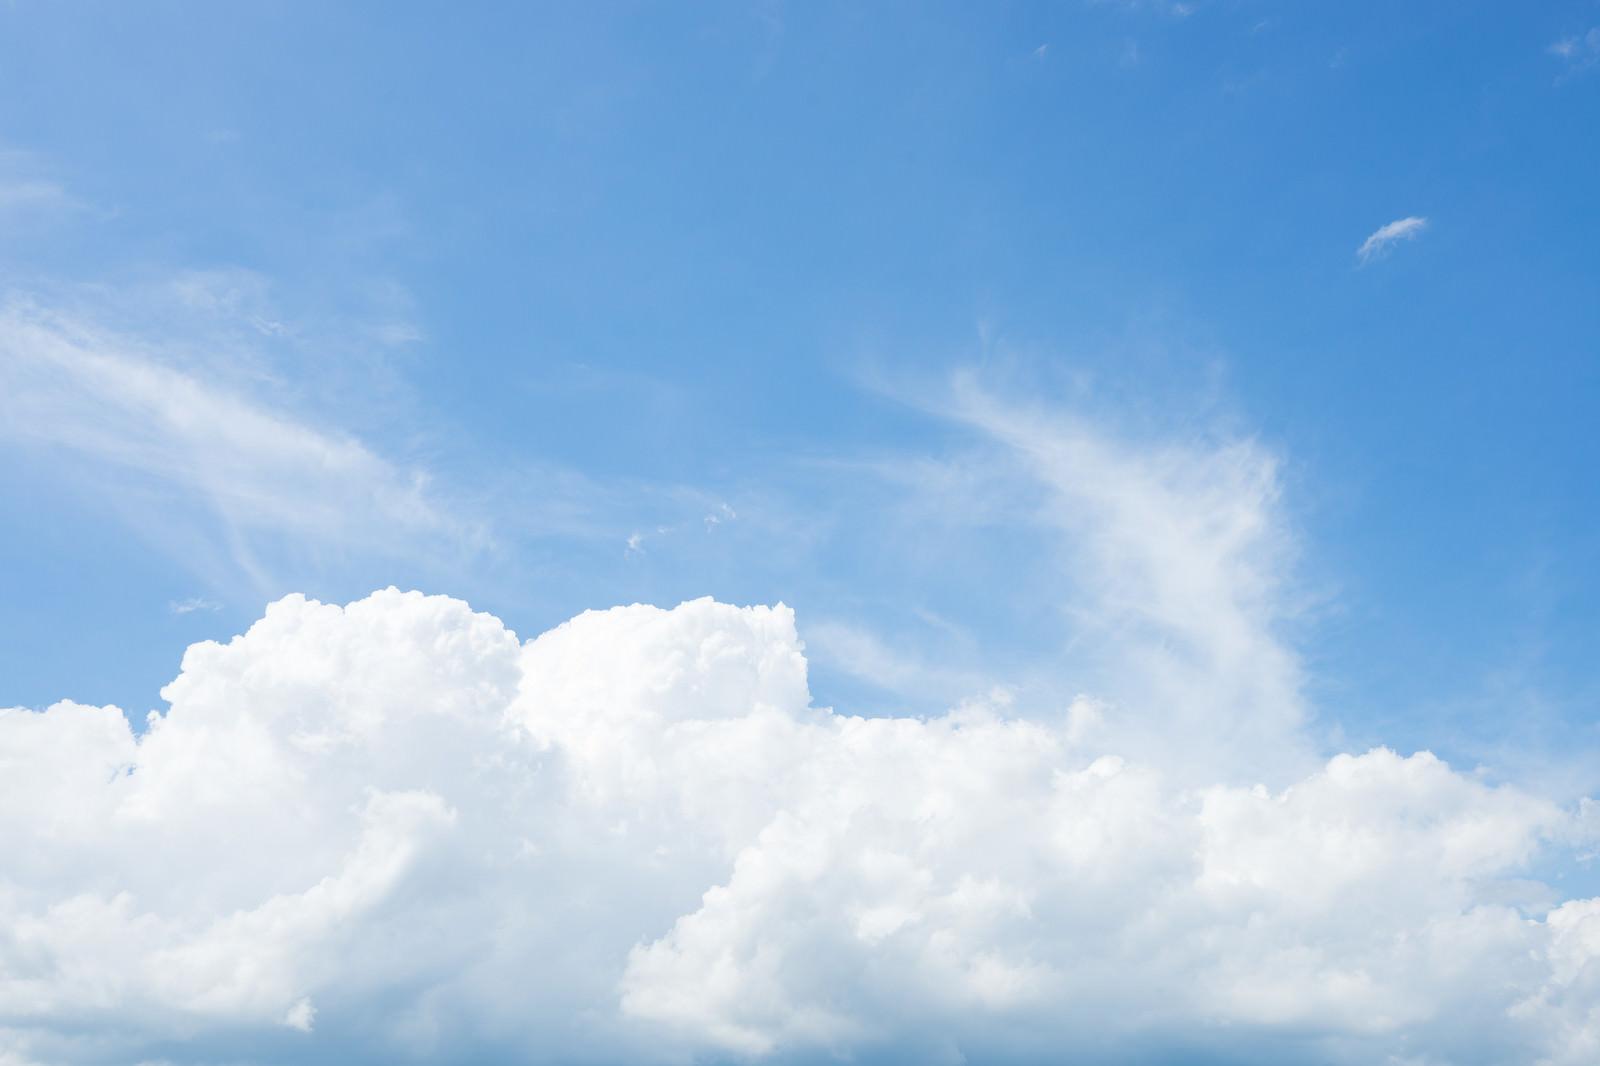 「暑い夏にまとまった白い雲暑い夏にまとまった白い雲」のフリー写真素材を拡大